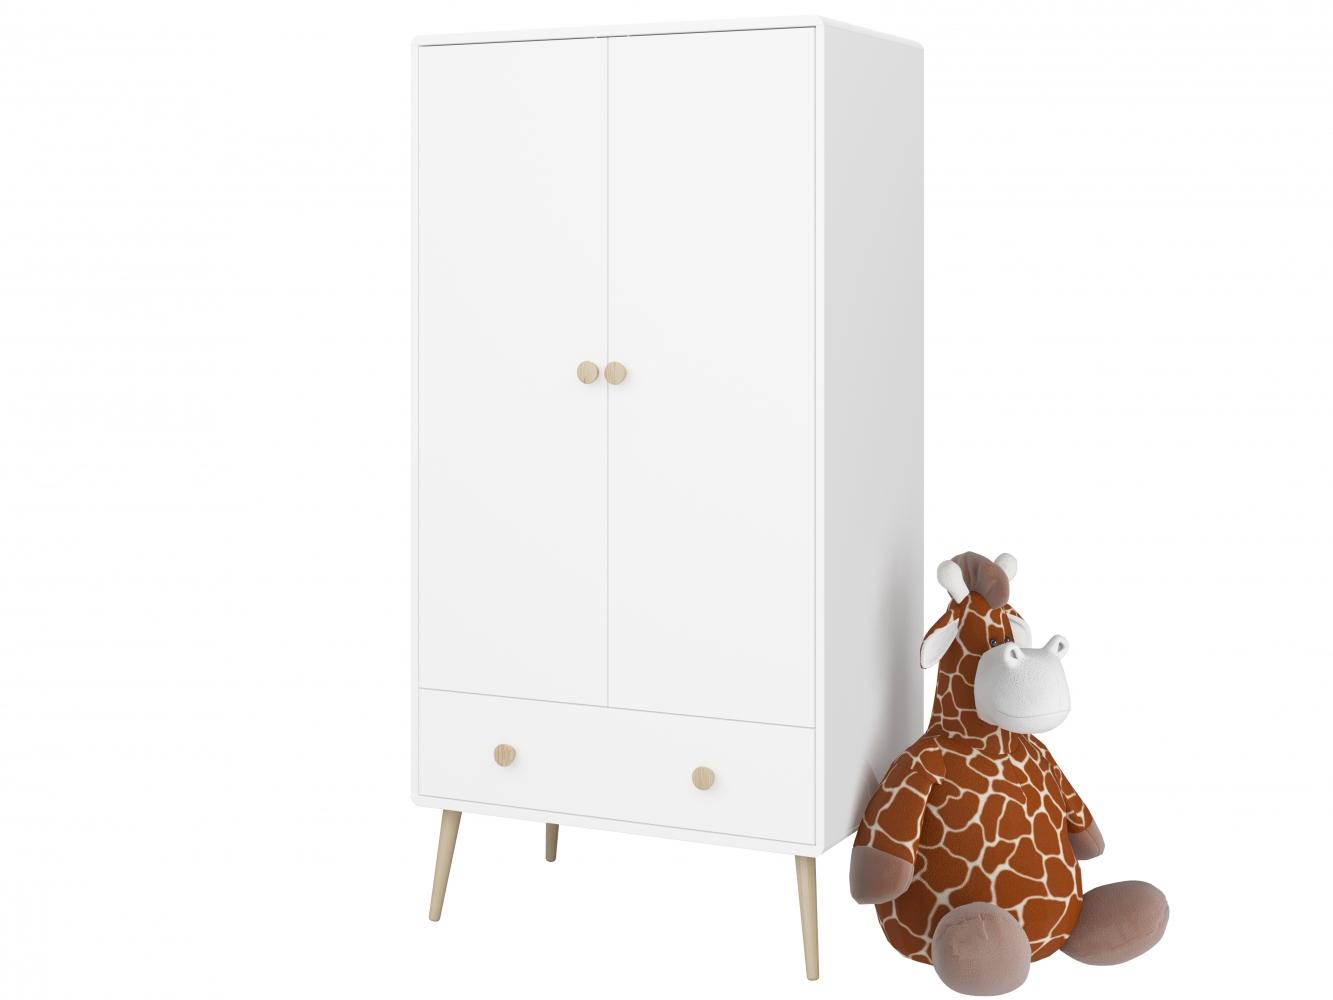 Šatní skříň Adel, 159 cm, bílá